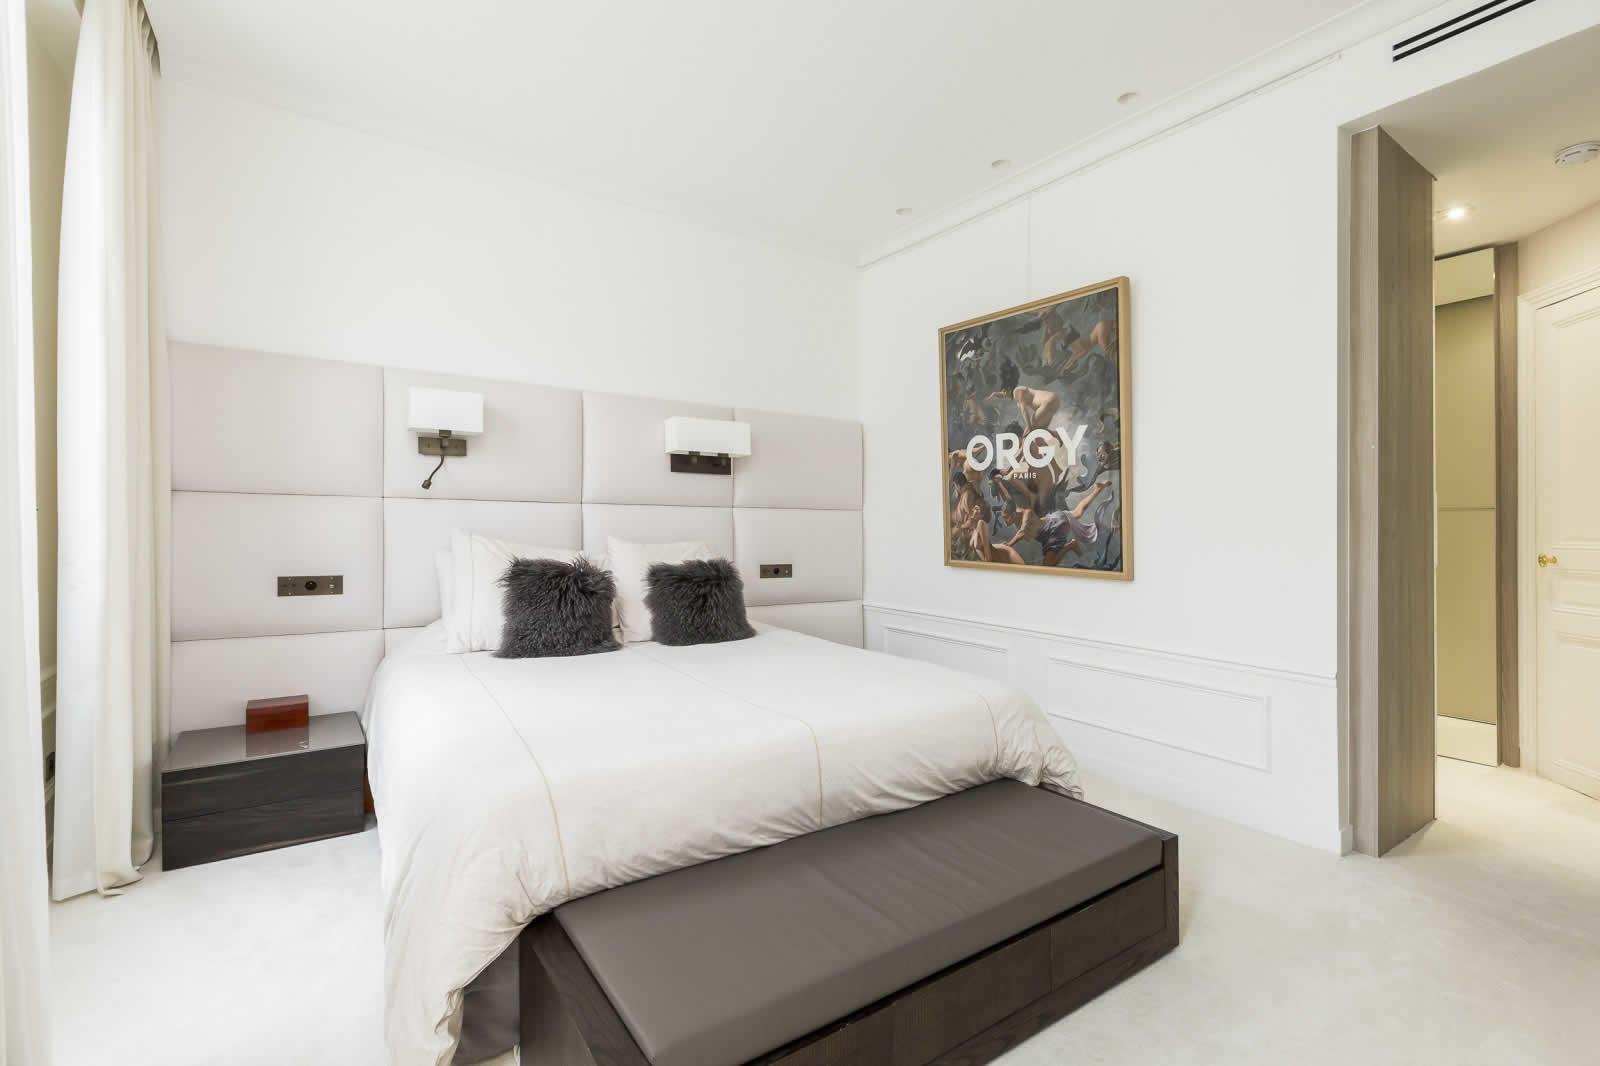 appartement-luxe-vue-exceptionnelle-a-vendre-sur-ile-de-la-cite-cave-hammam-garage